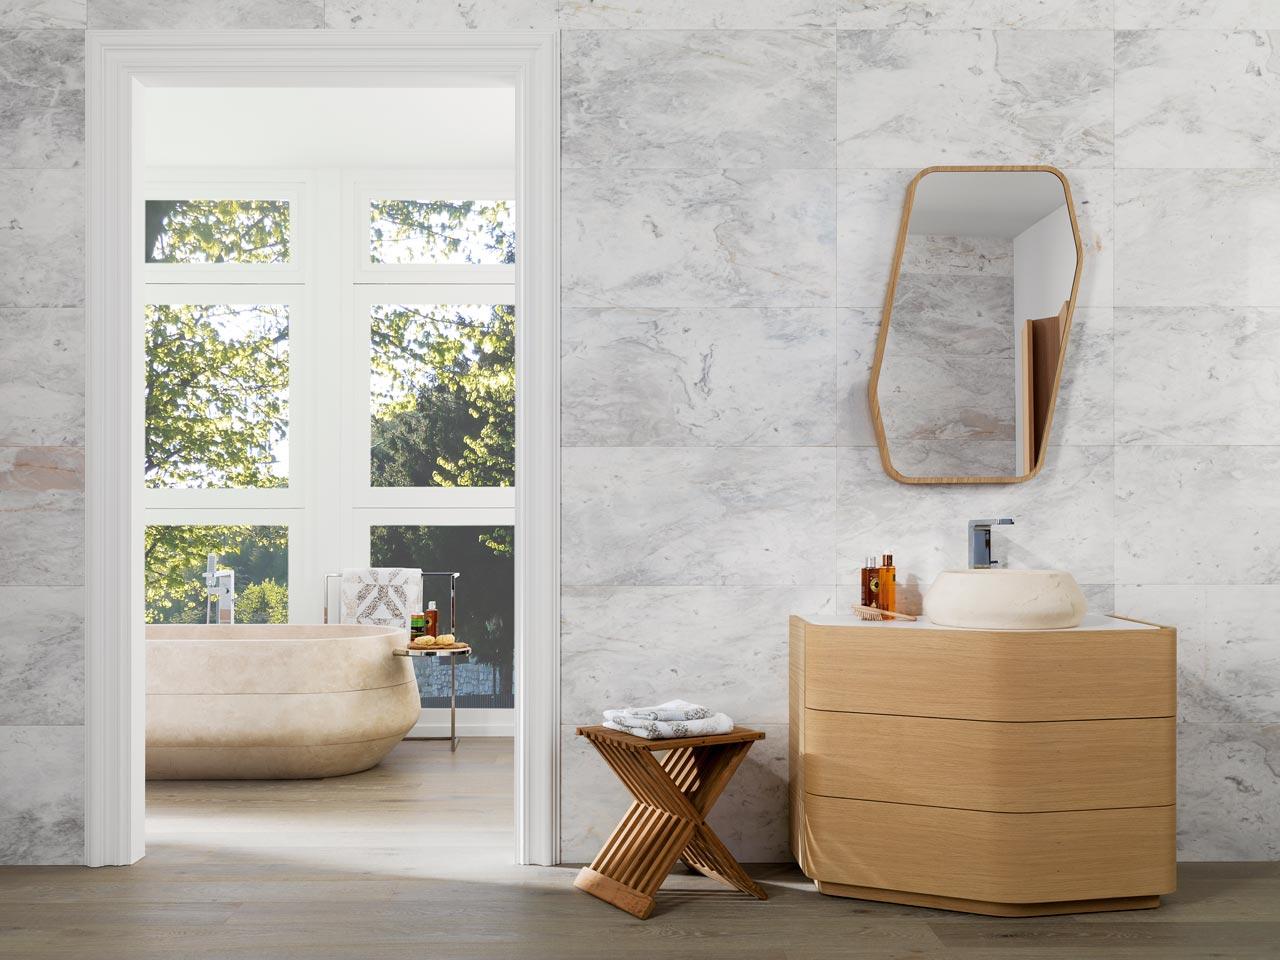 Pareti in pietra naturale le migliori idee per la casa for Log e pietra piani per la casa